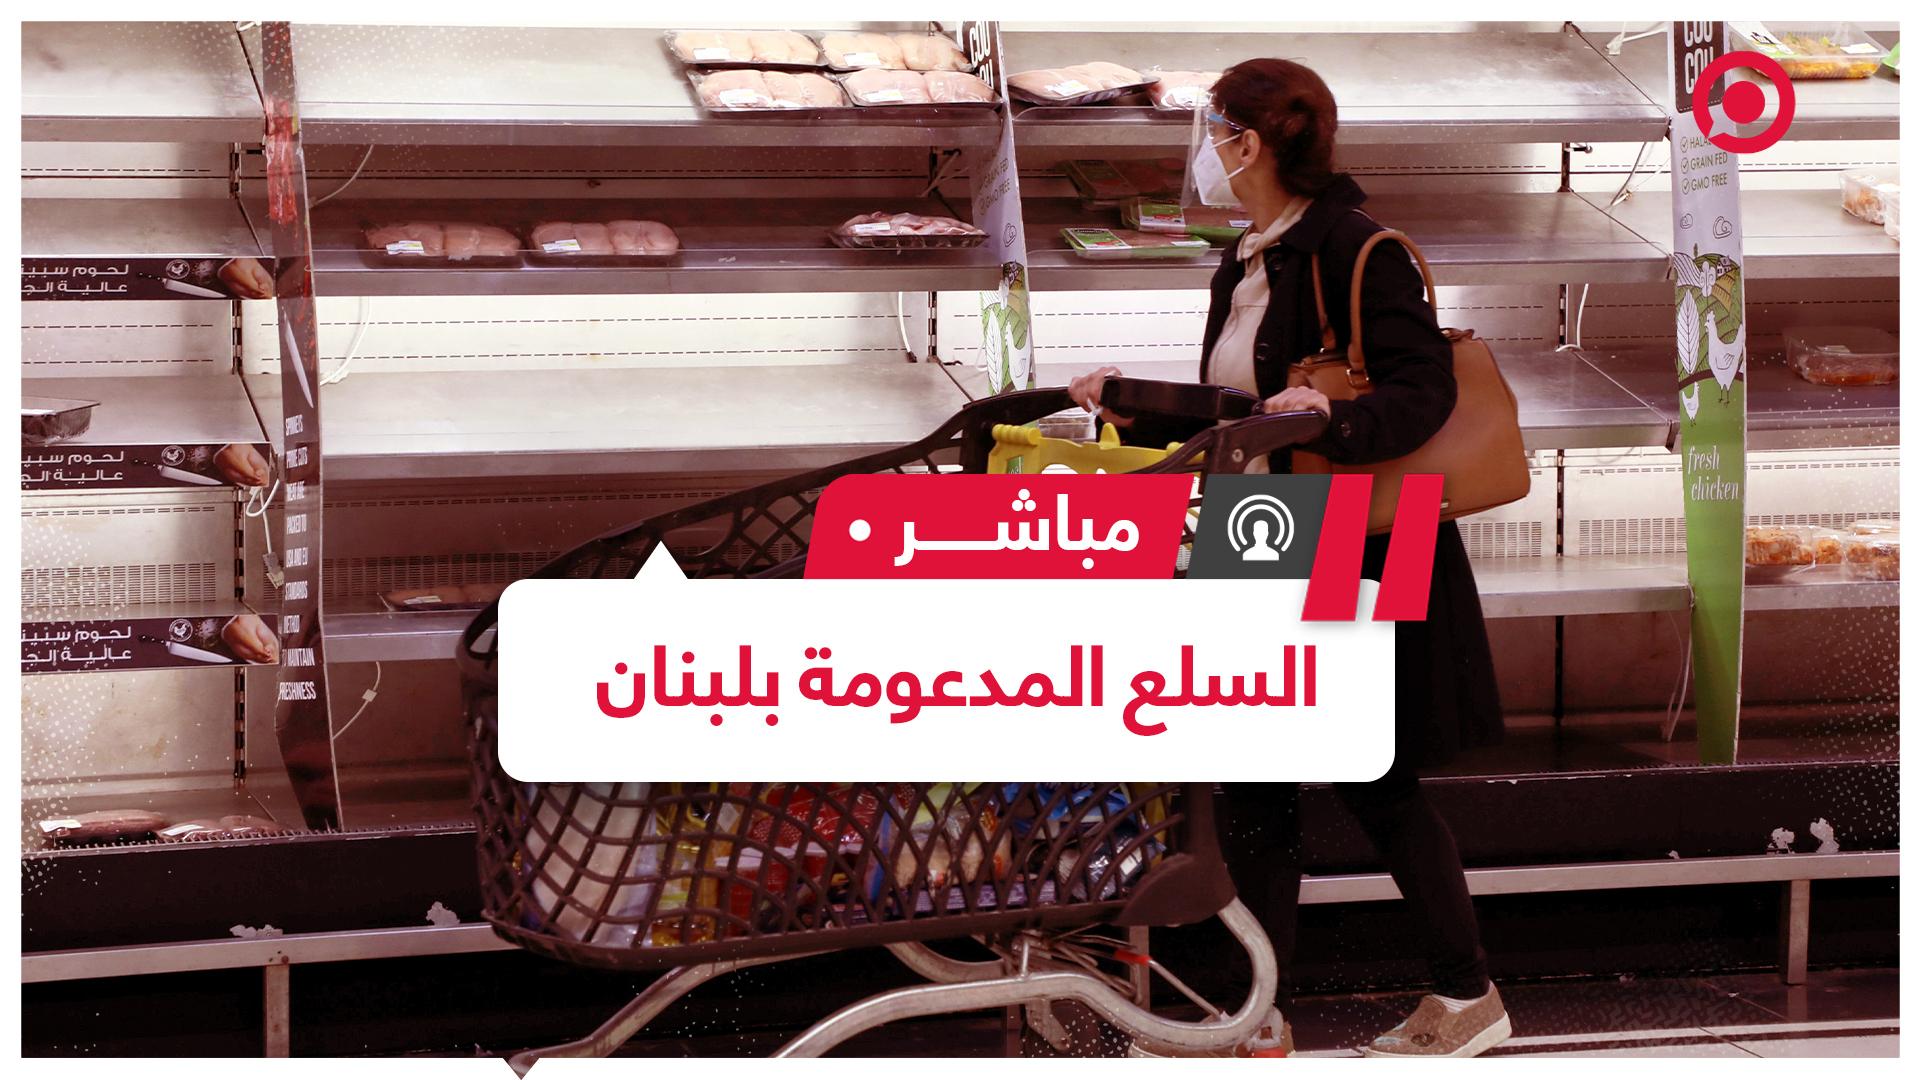 بين الحزن والغضب.. مشهد مؤثر لتدافع اللبنانيين على السلع المدعومة